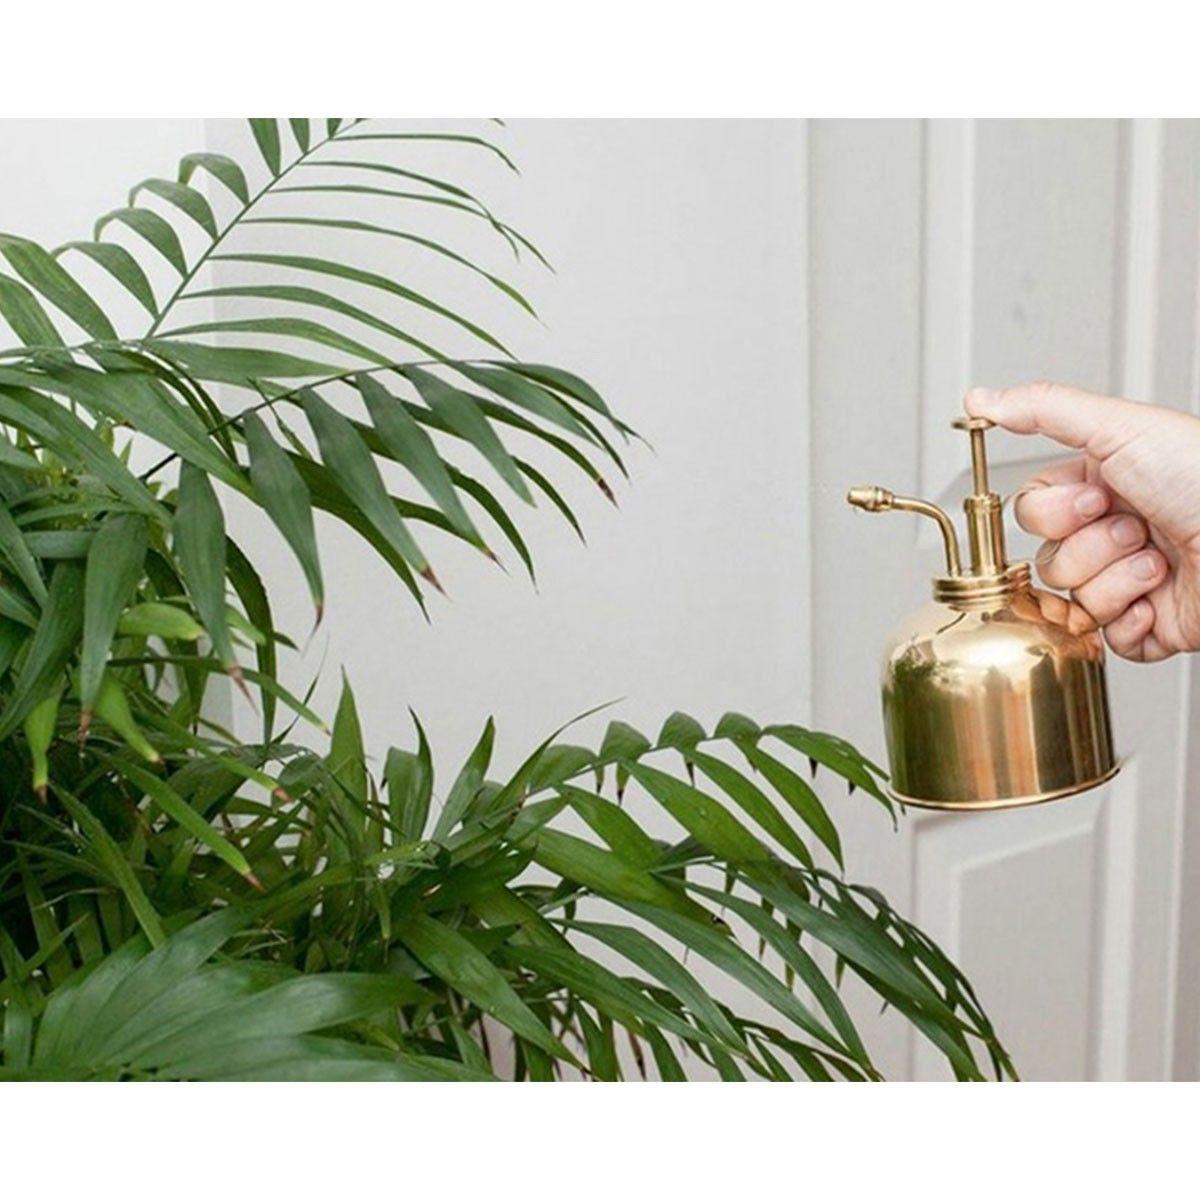 Brumisateur Vintage | Maison Et Objet, Cadeau Jardin Et Deco dedans Brumisateur De Jardin